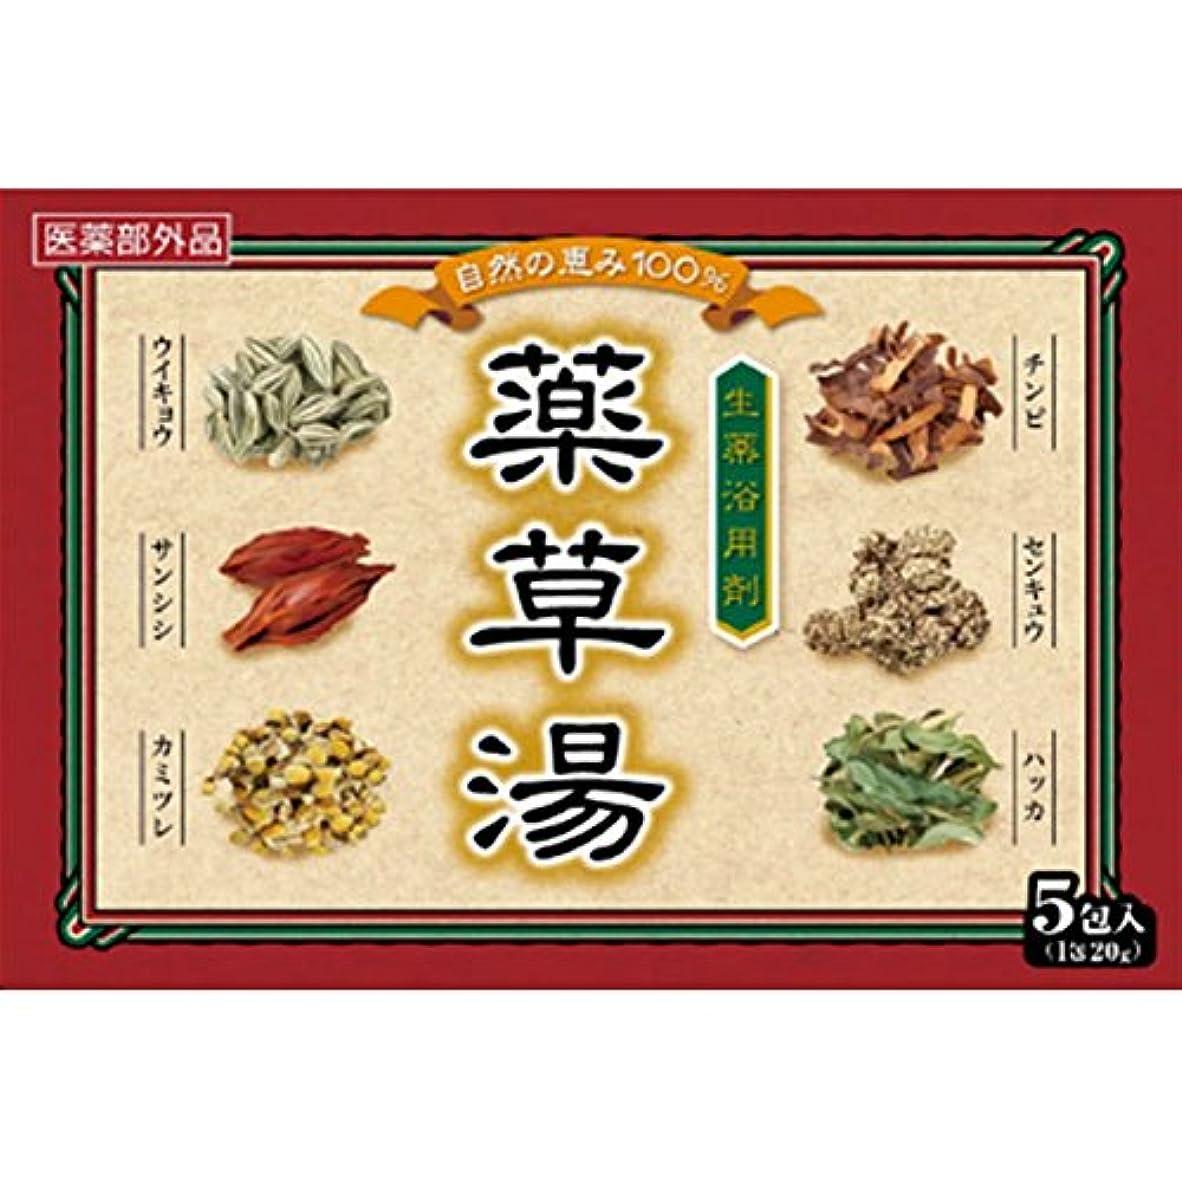 かご伝統的緊張生薬浴用剤 薬草湯5包×2